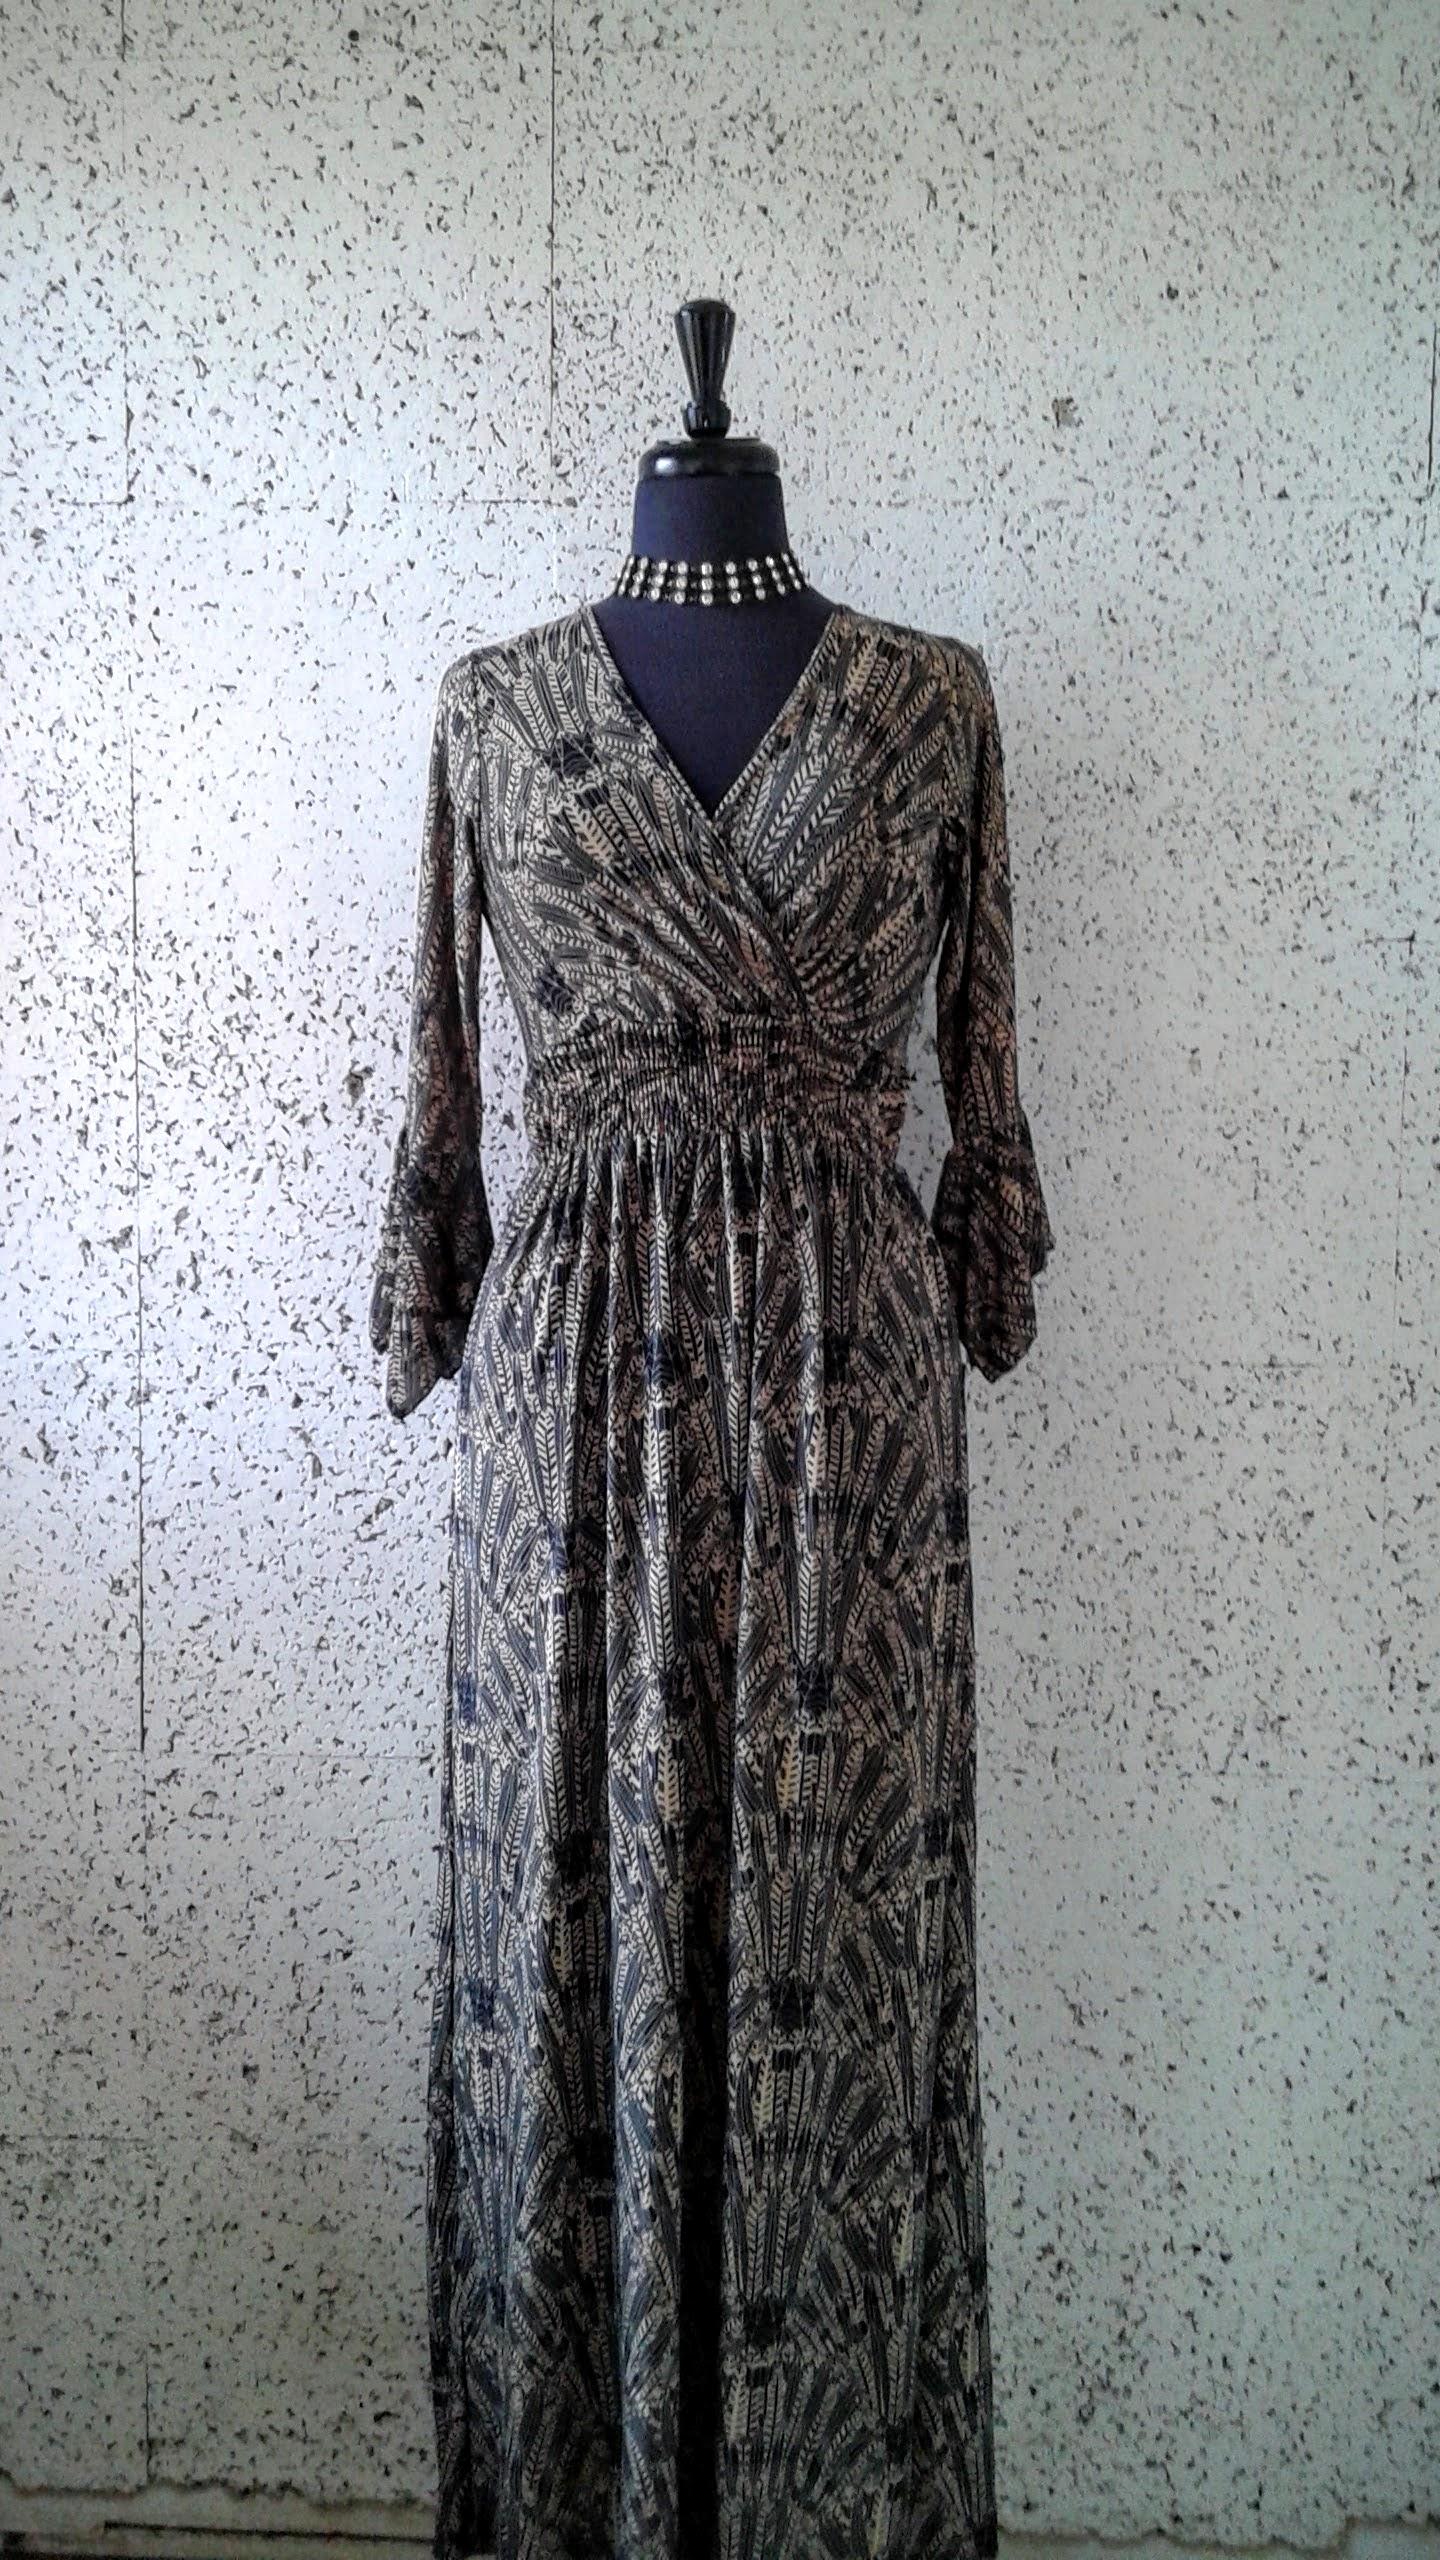 Sapogee dress (NWT); Size S, $34